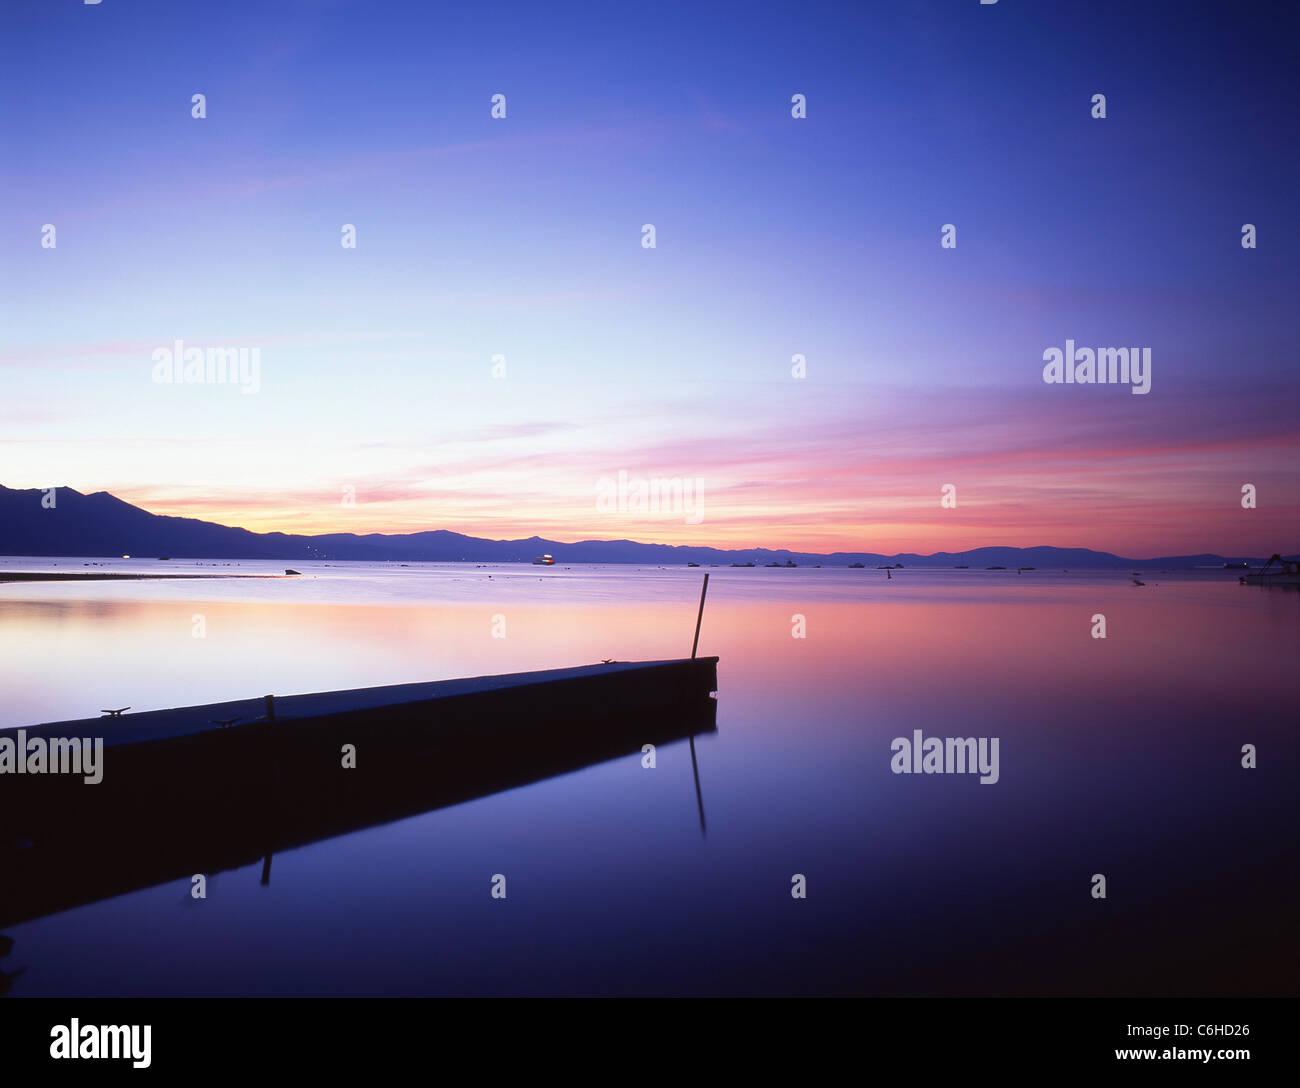 Süd See bei Sonnenuntergang, Lake Tahoe, Sierra Nevada, California, Vereinigte Staaten von Amerika Stockbild